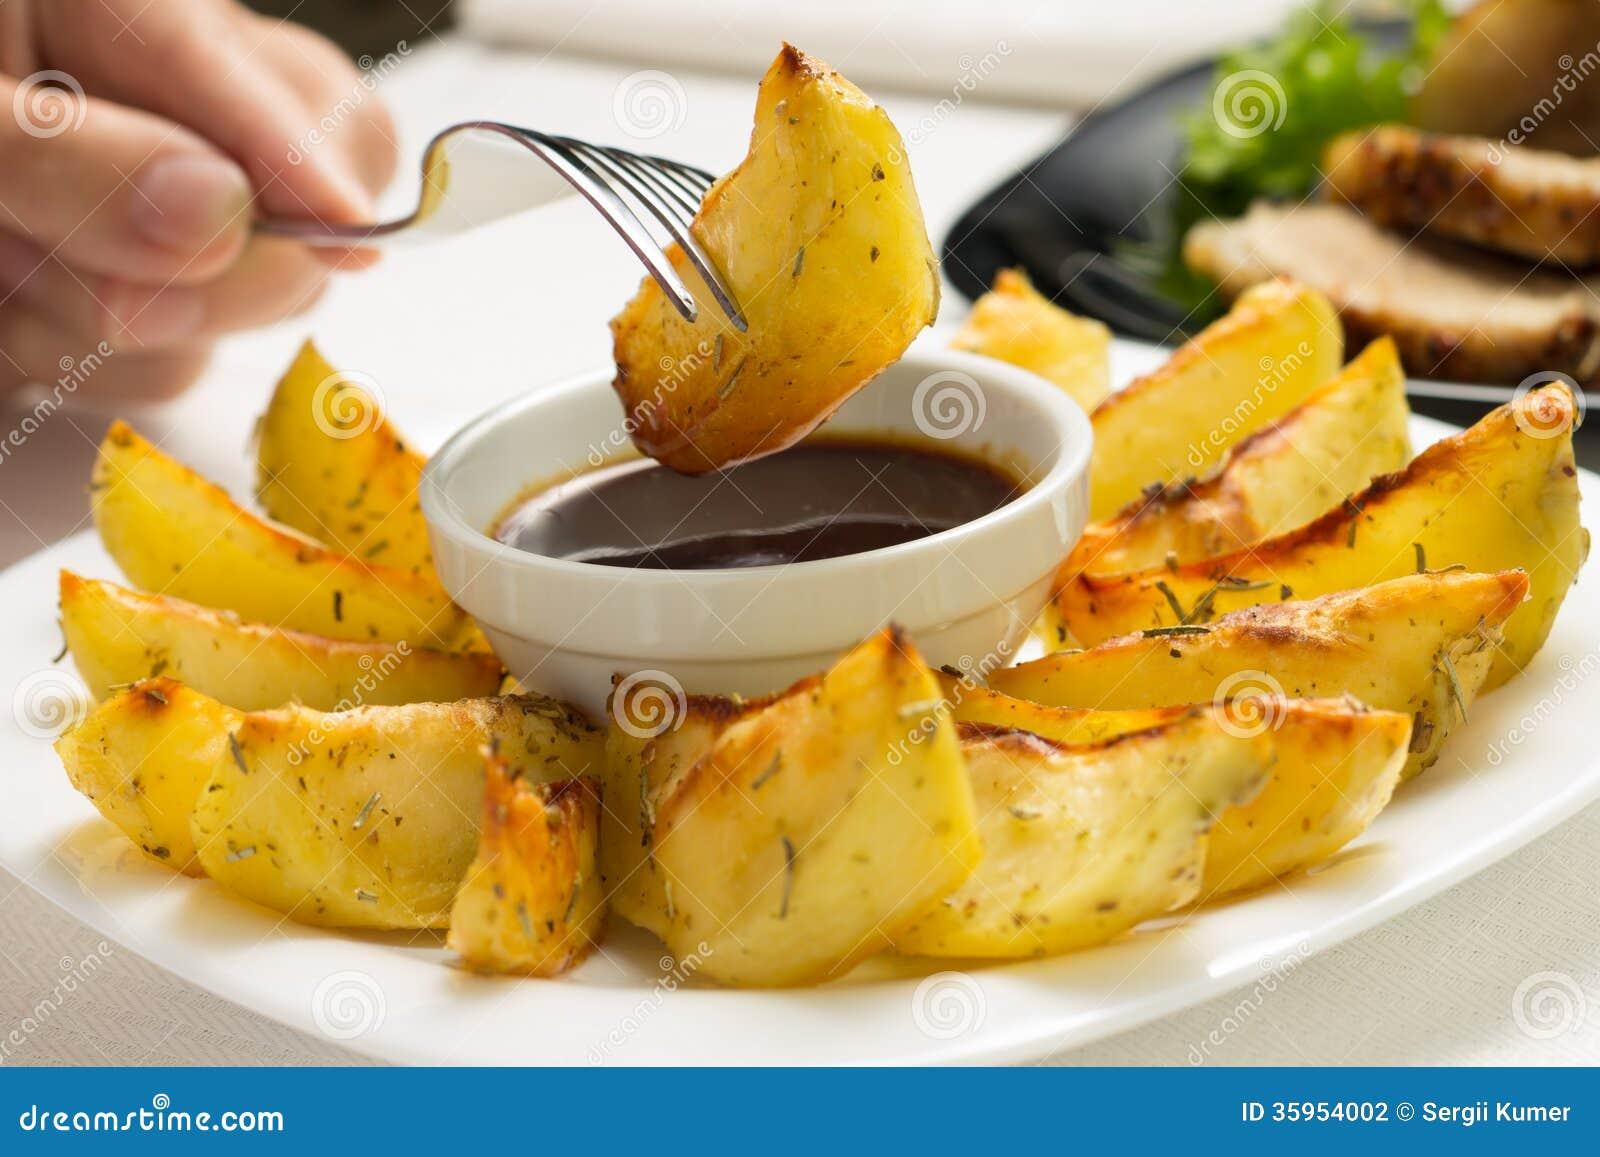 Consumición de Fried Wedge Potato